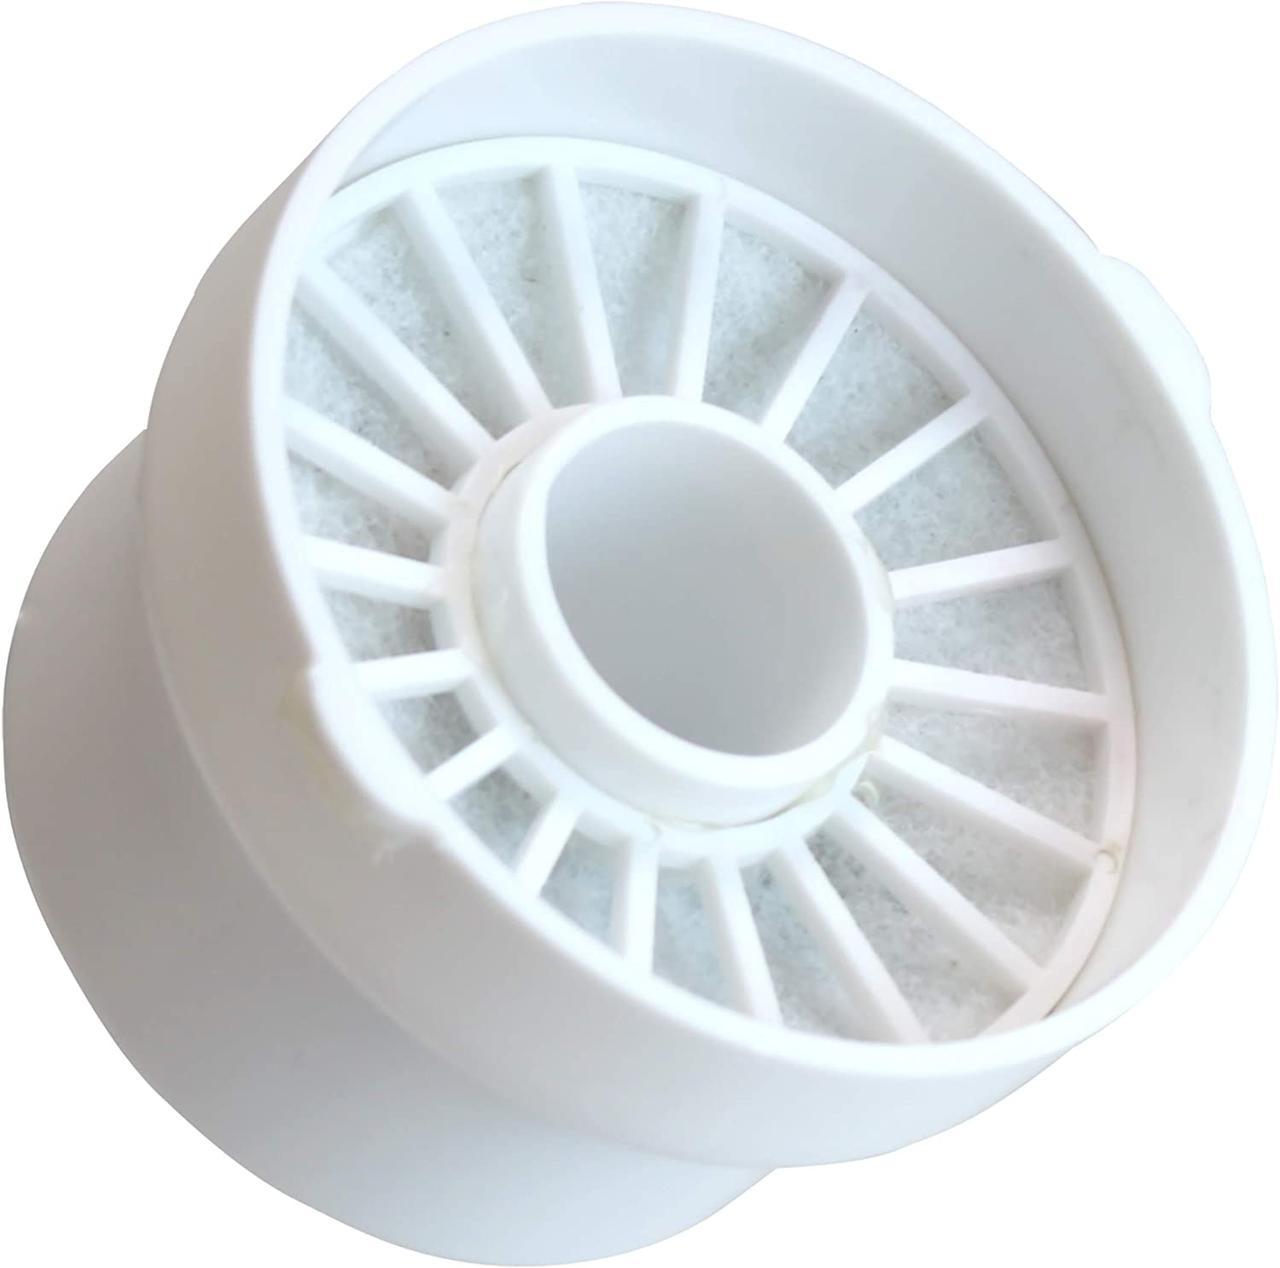 Сменный фильтр для поилки-фонтана, 2шт/уп